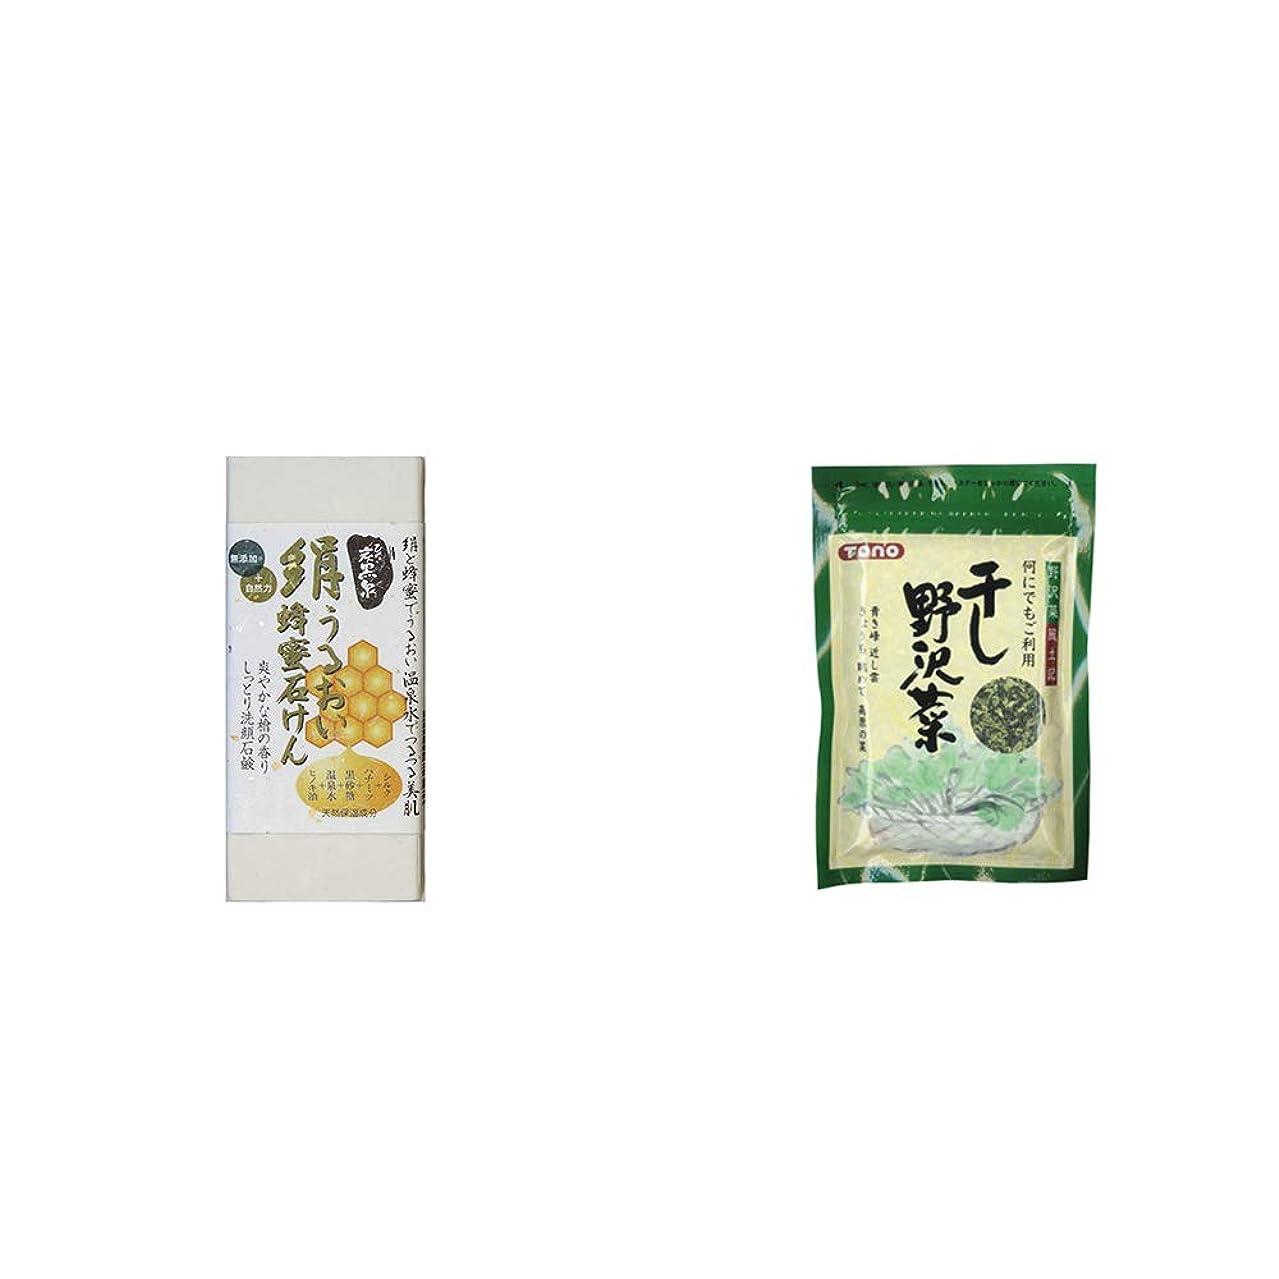 燃料ダイヤモンド事実[2点セット] ひのき炭黒泉 絹うるおい蜂蜜石けん(75g×2)?干し野沢菜(100g)